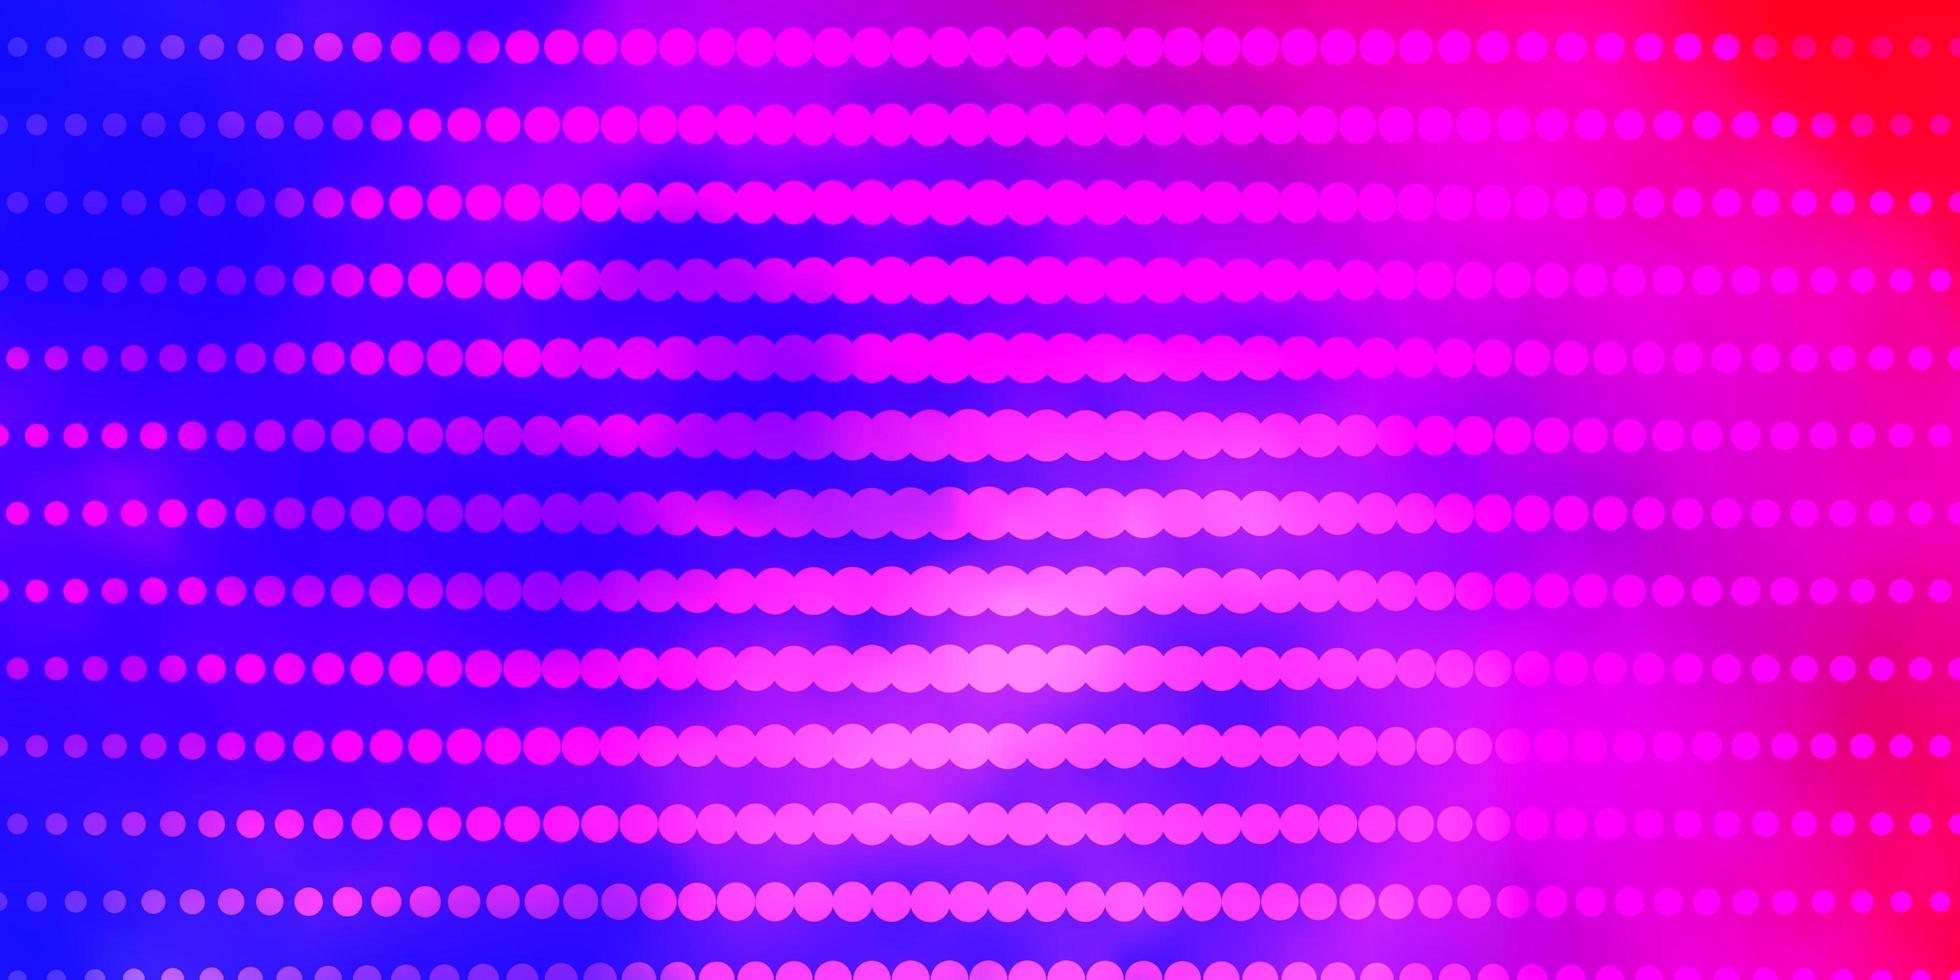 lichtblauwe, rode vectorachtergrond met cirkels. vector